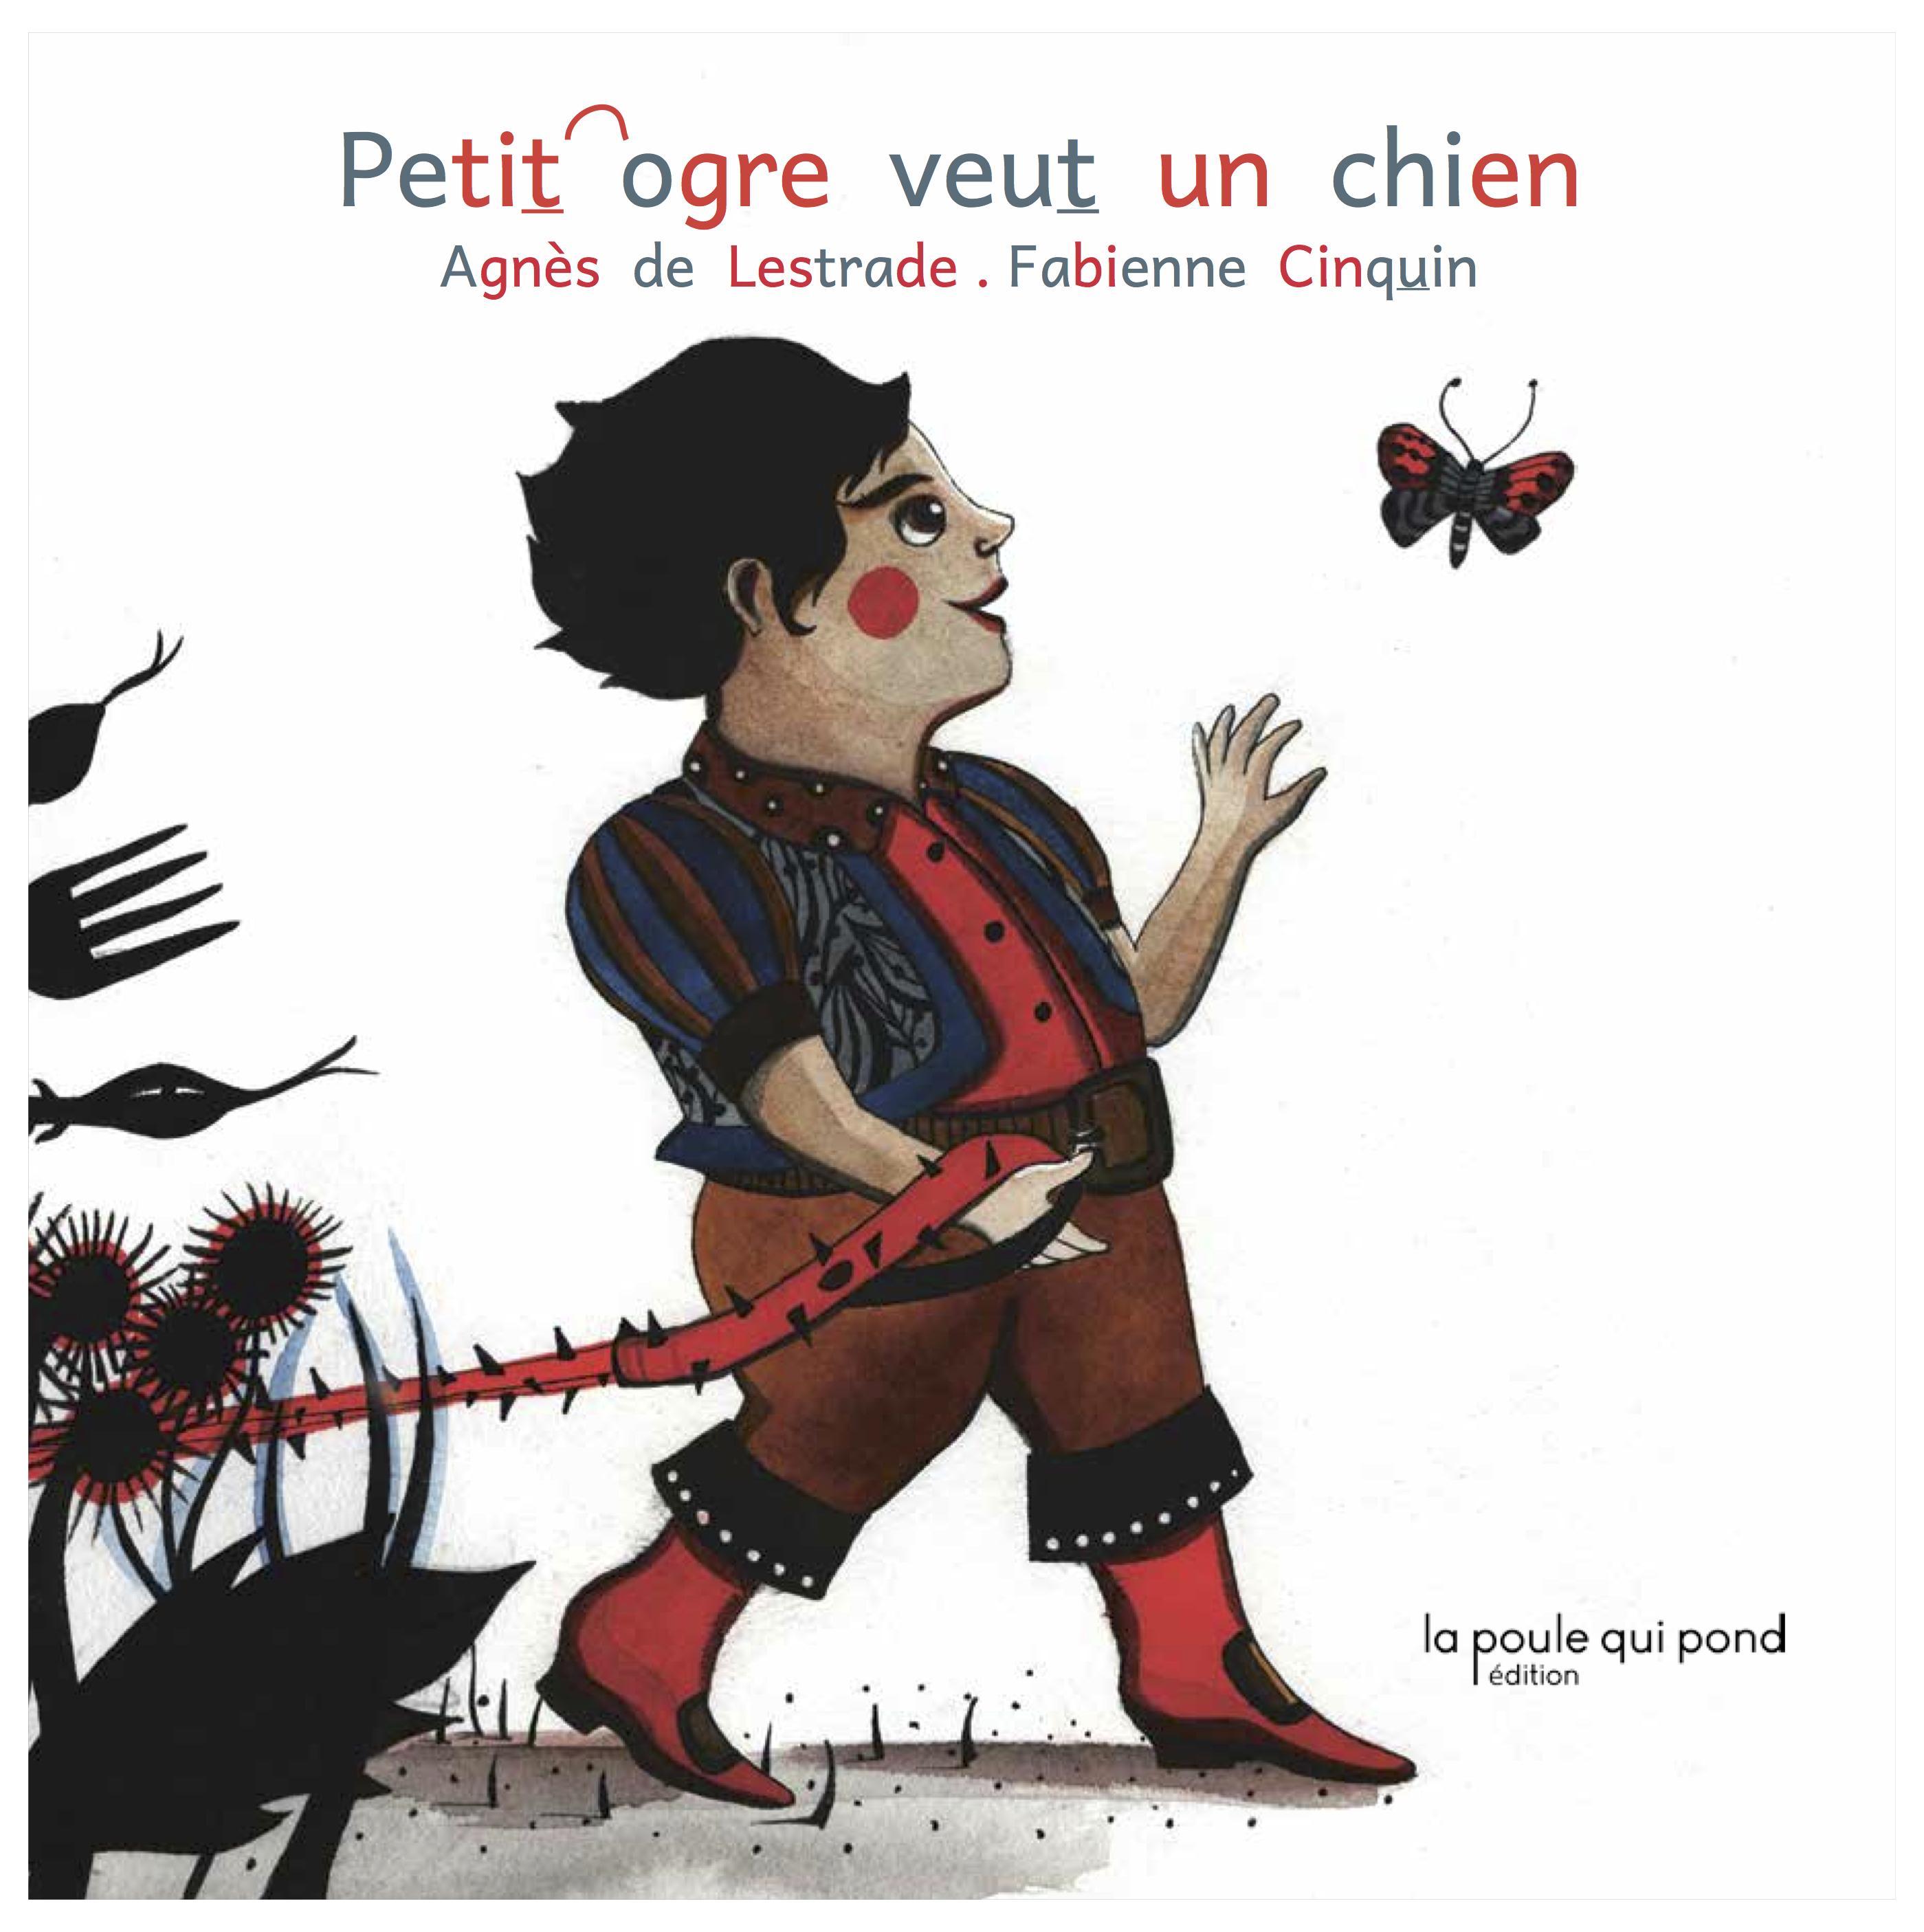 Petit ogre veut un chien, illustration de Fabienne Cinquin